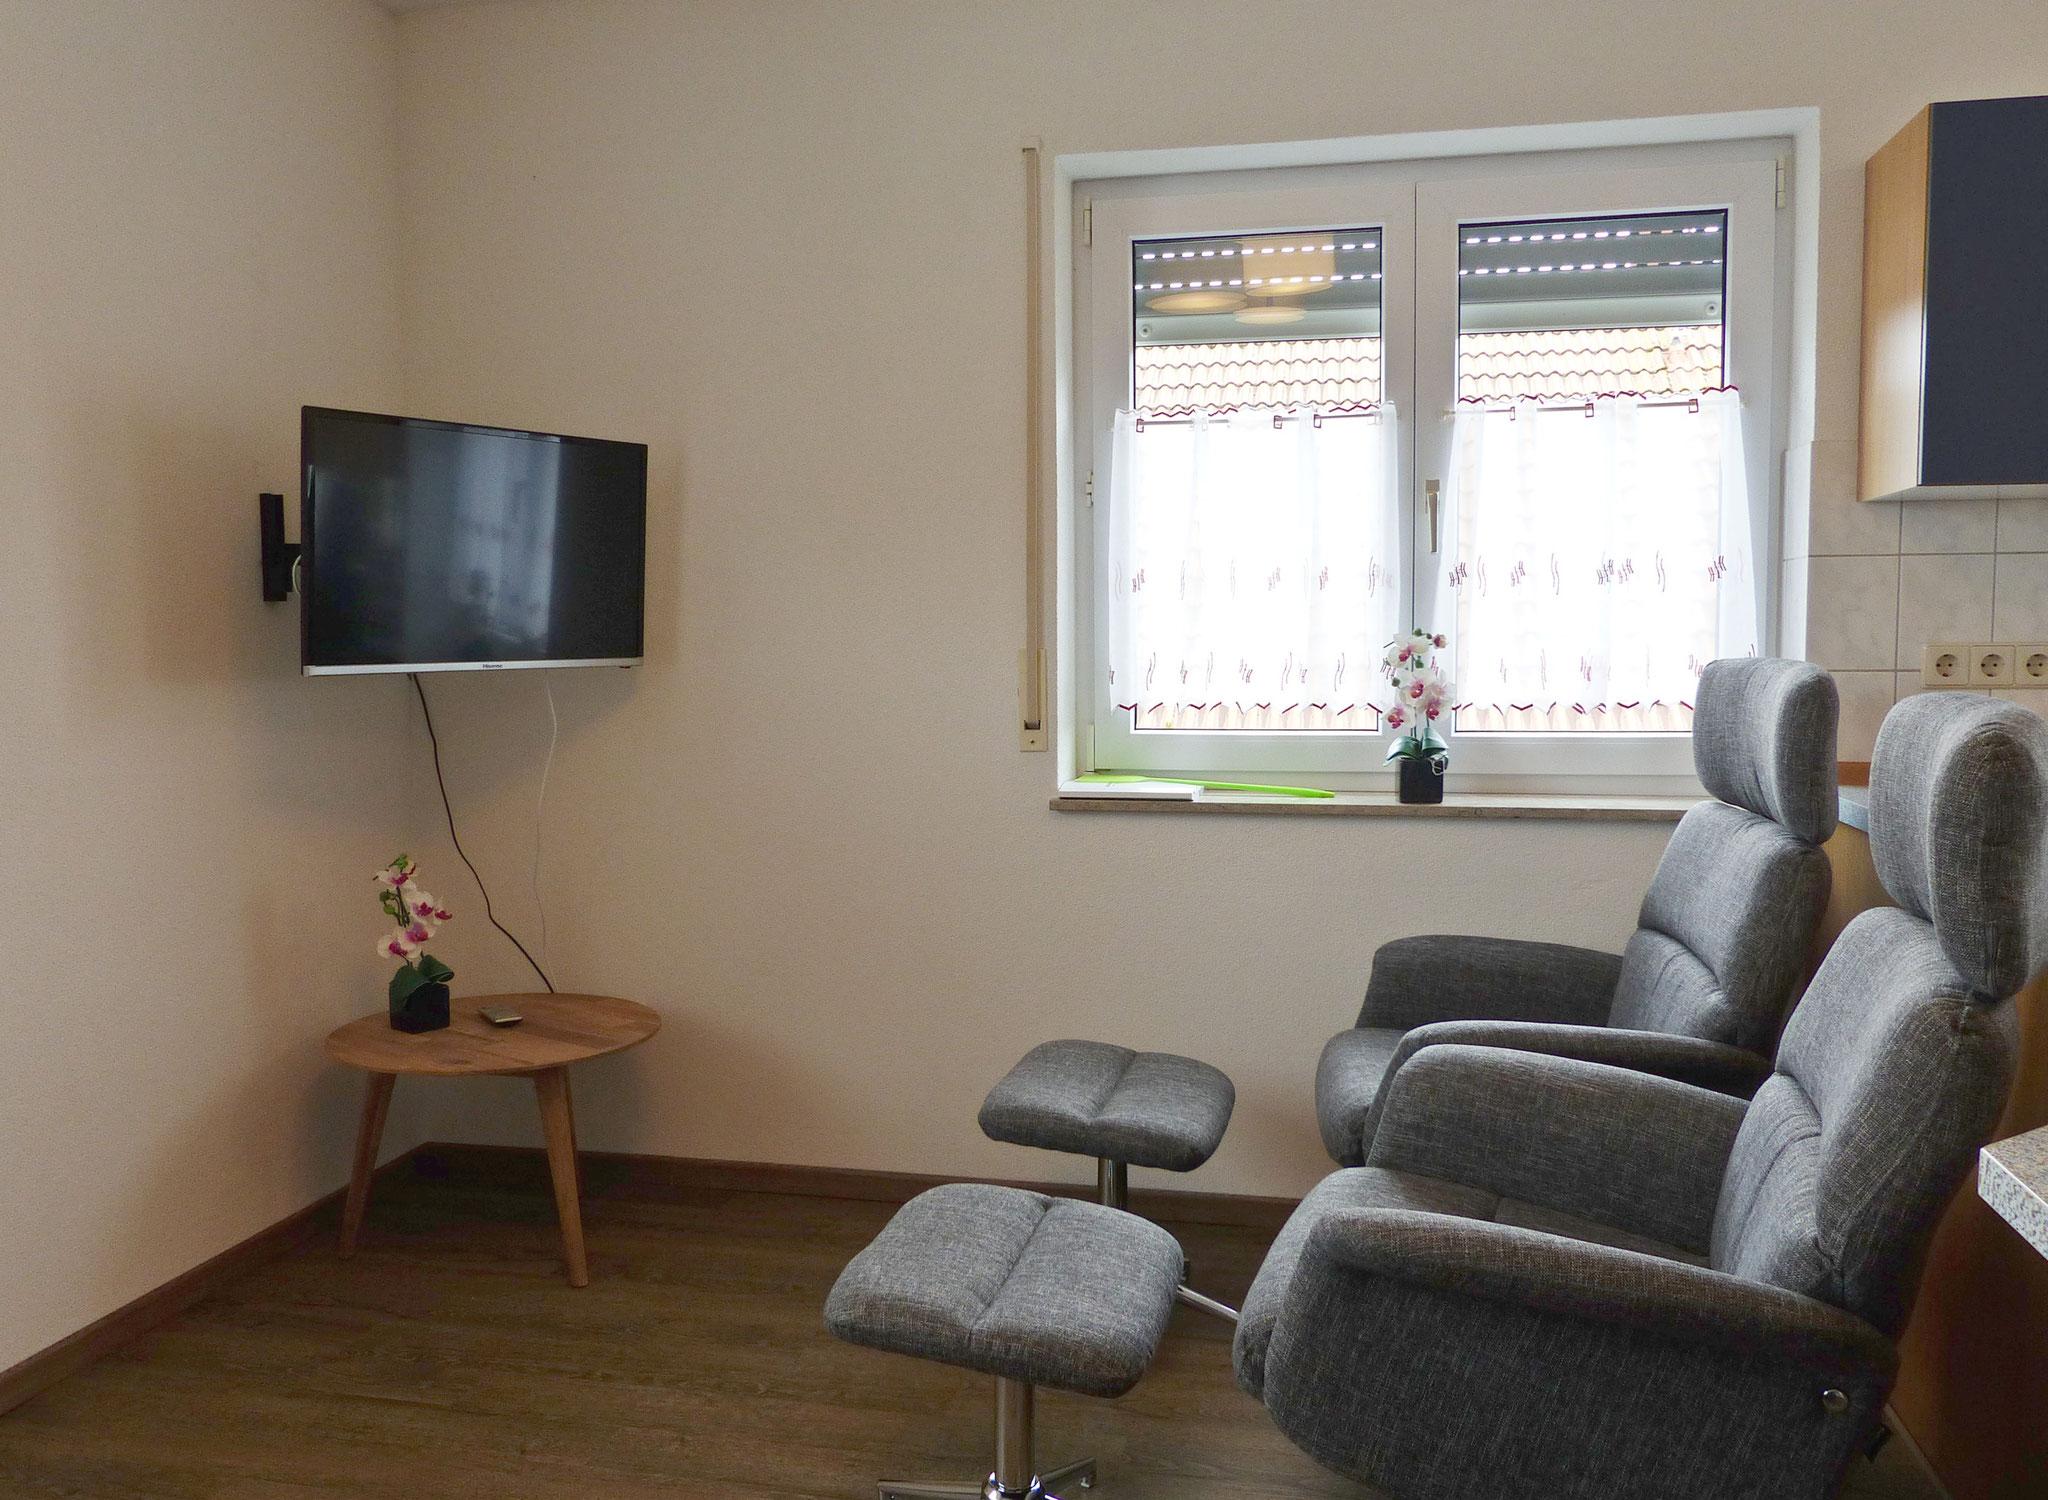 Wohnbereich - zwei bequeme Relaxsessel